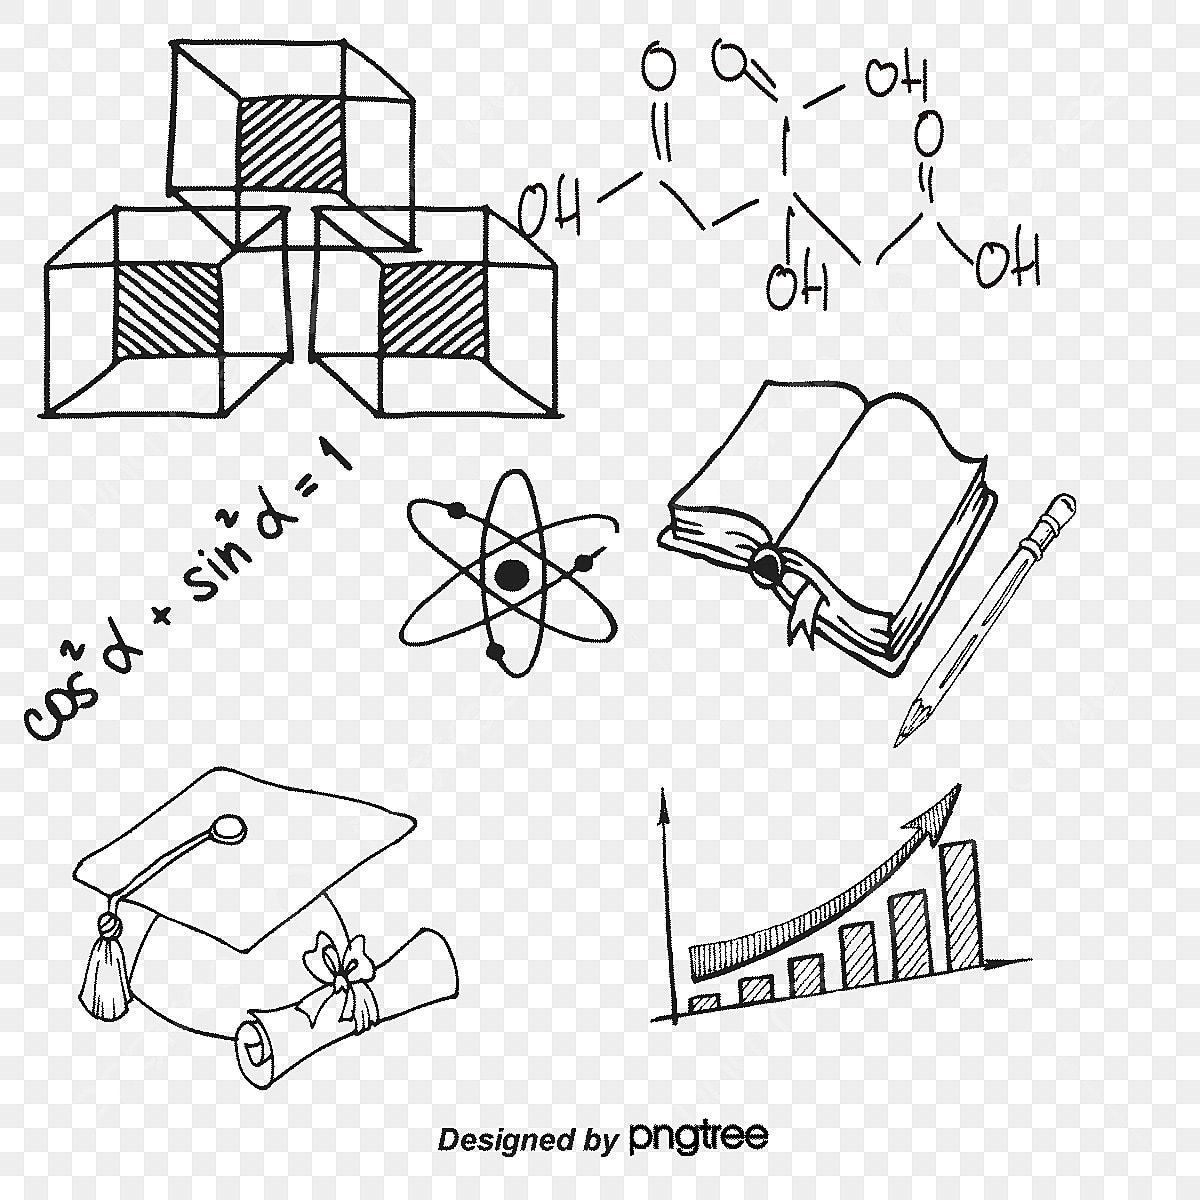 ناقلات رموز الرياضيات رمادي ناقلات الرياضيات Png وملف Psd للتحميل مجانا